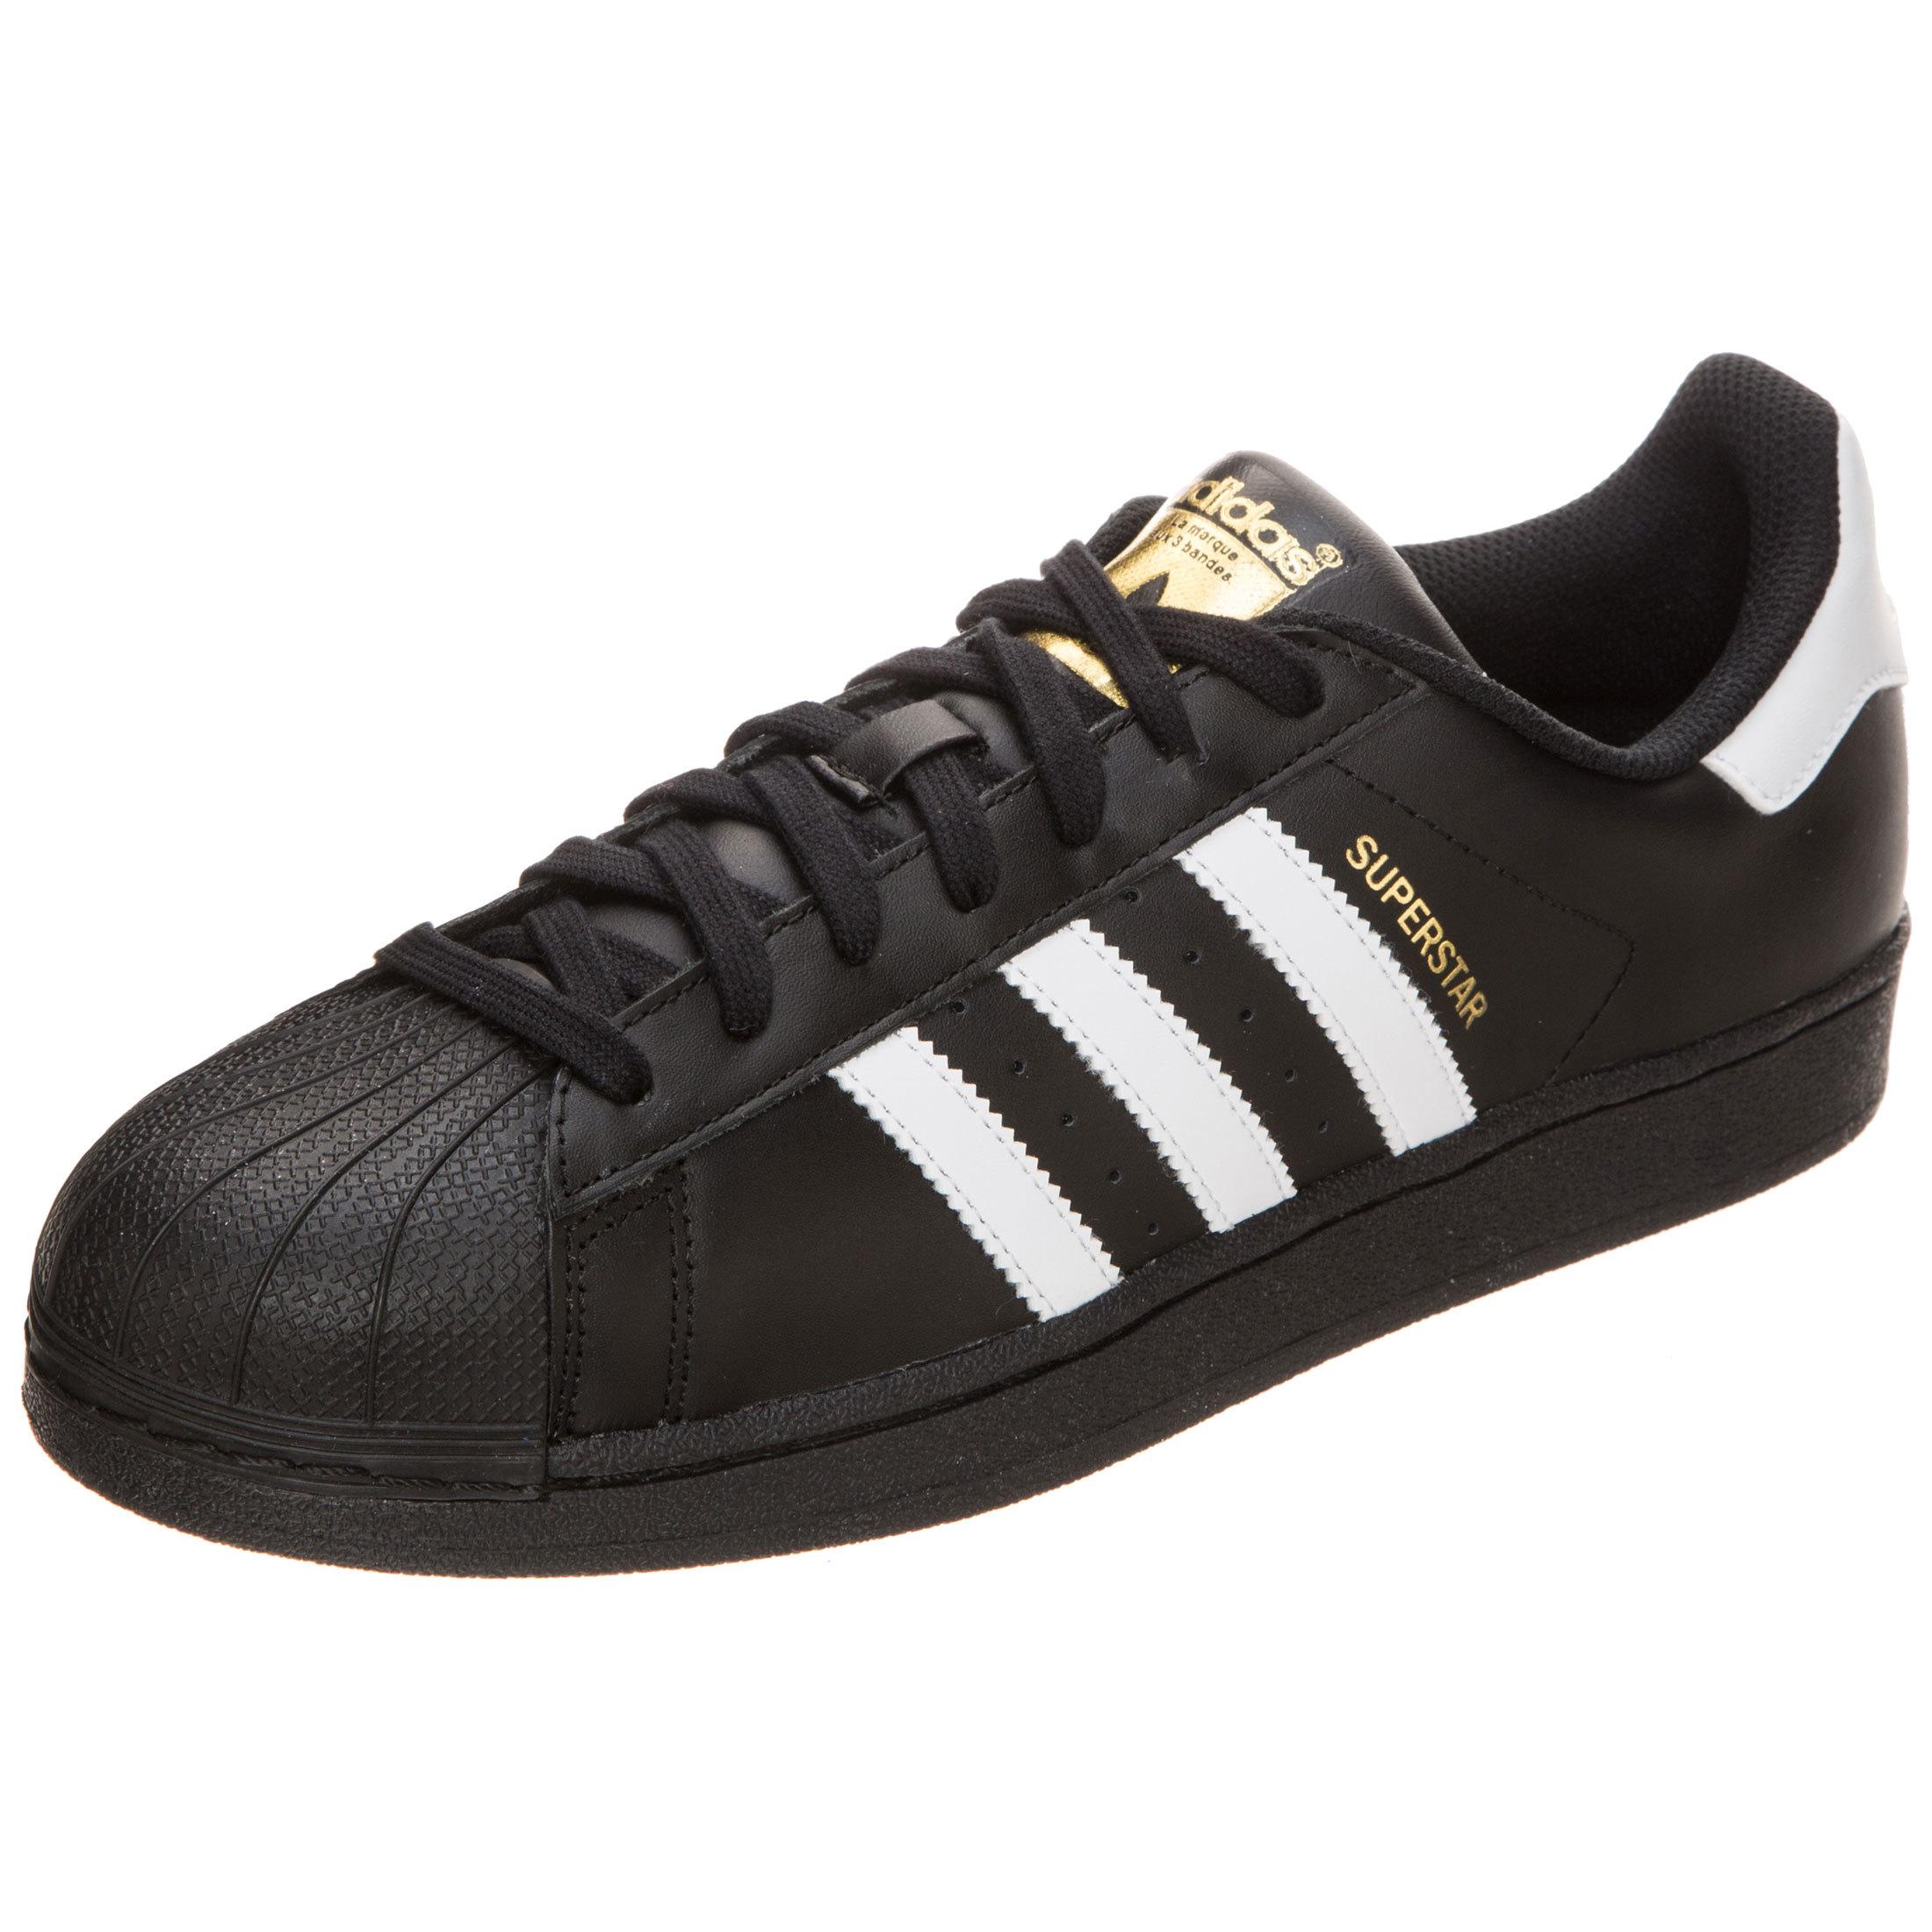 adidas superstar foundation schoenen